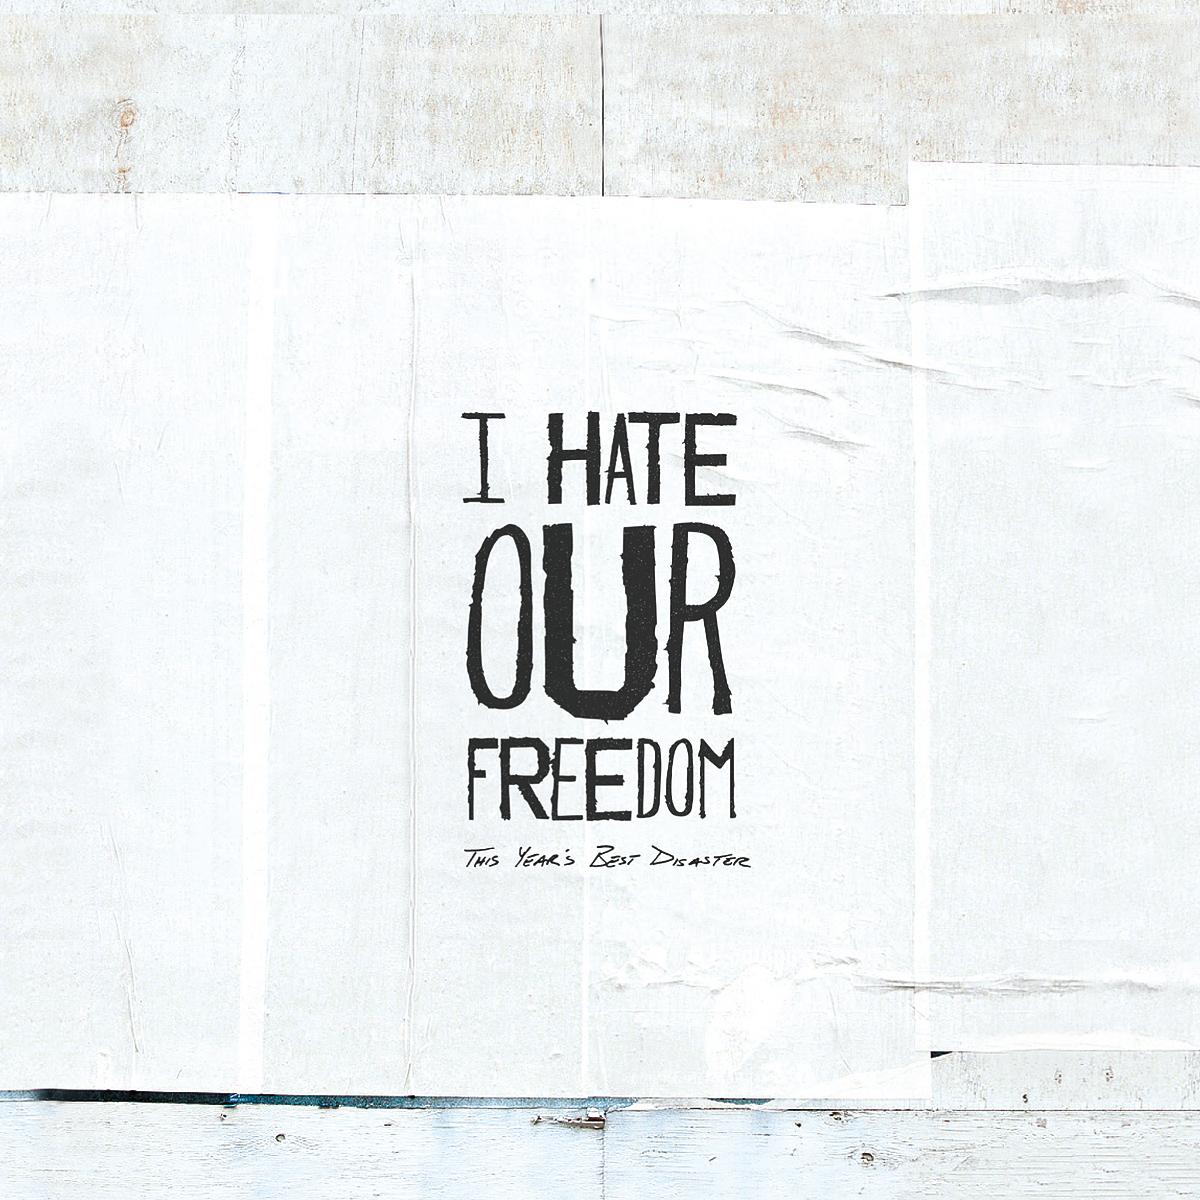 i_hate_our_freedom.jpg